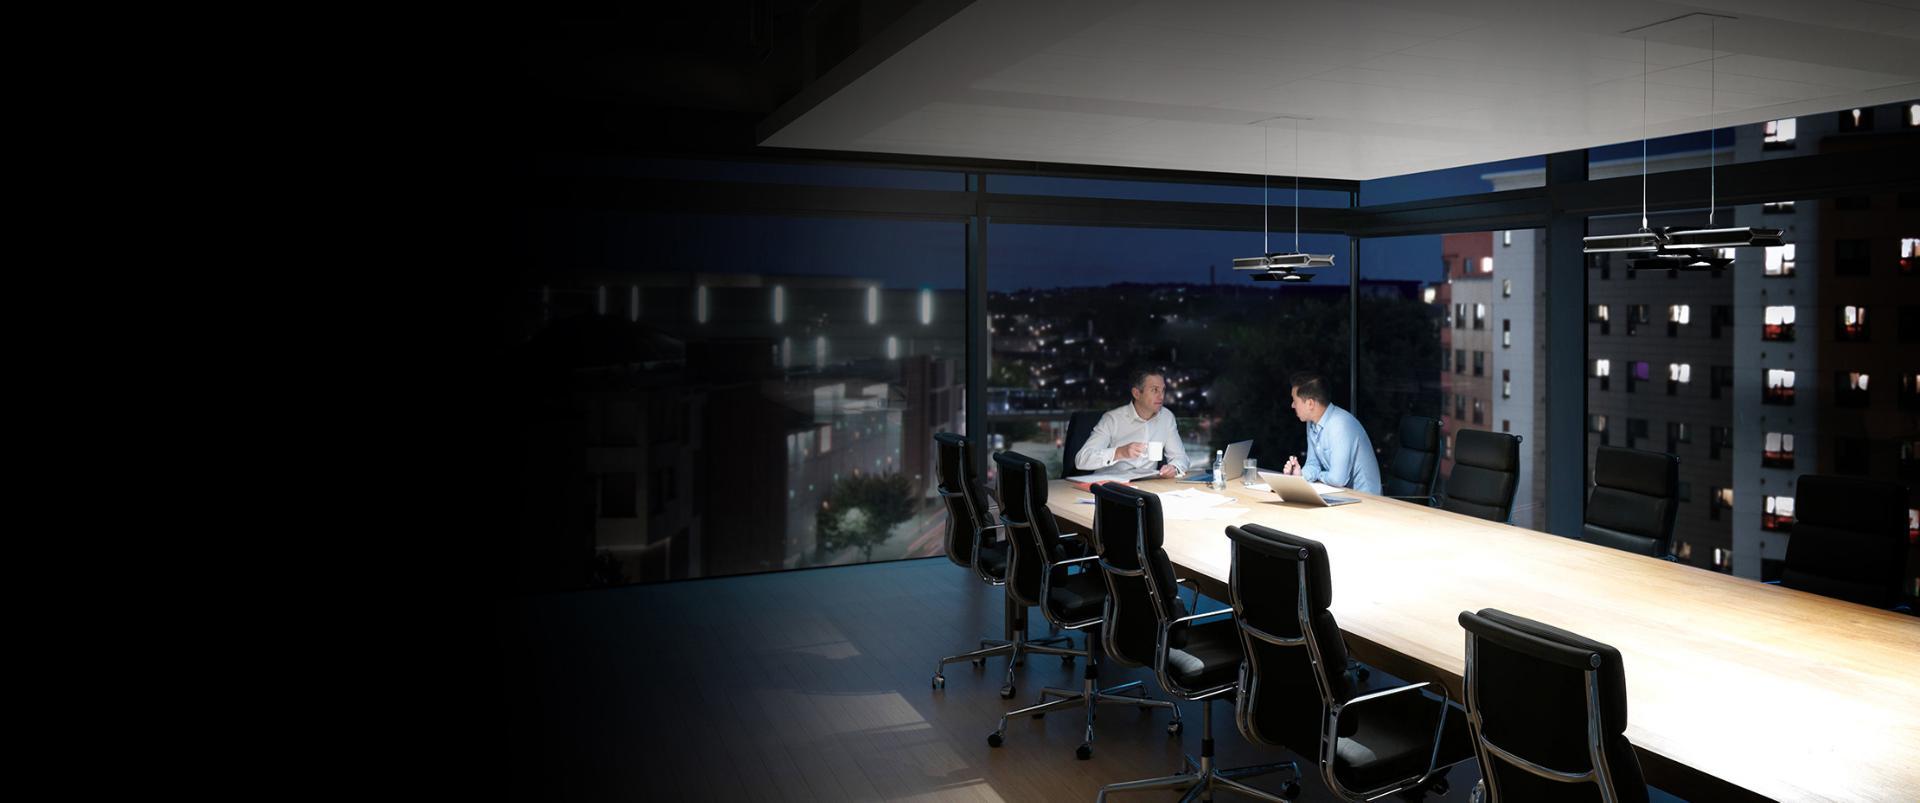 رجال يعملون في مكتب تحت وحدة الإضاءة Cu-Beam